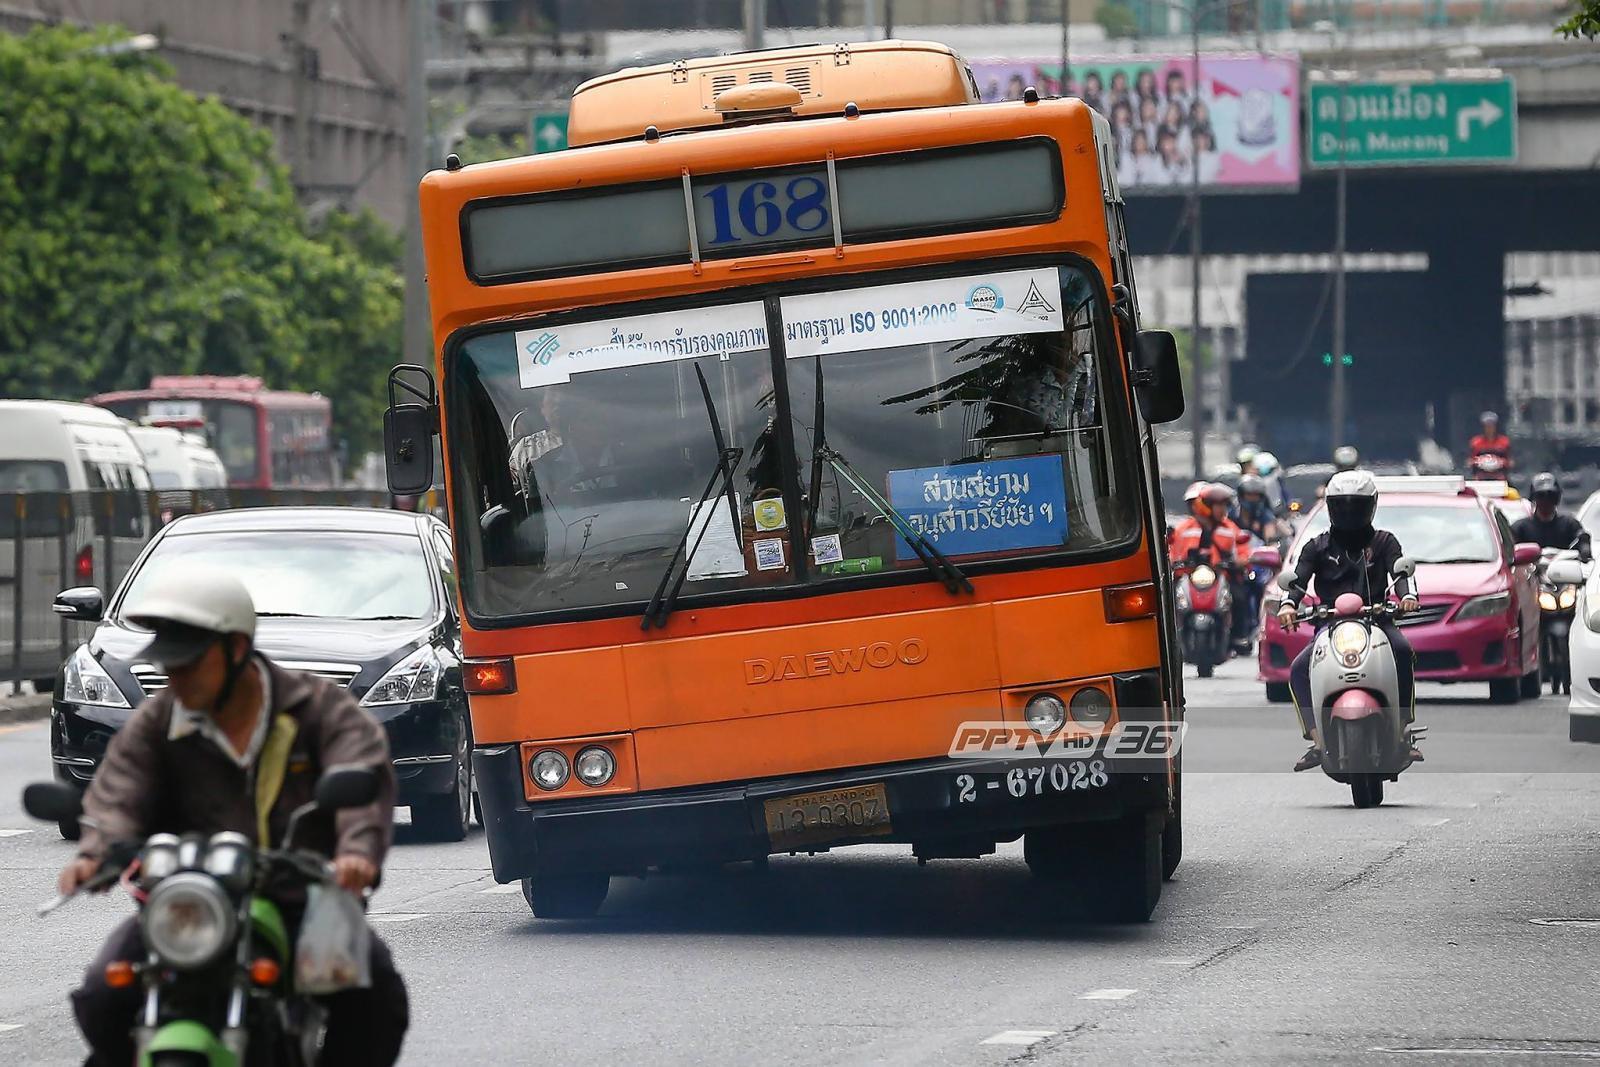 ดีเดย์วันนี้! รถเมล์ ขสมก. ใช้น้ำมัน B20 ครบ 2,075 คัน